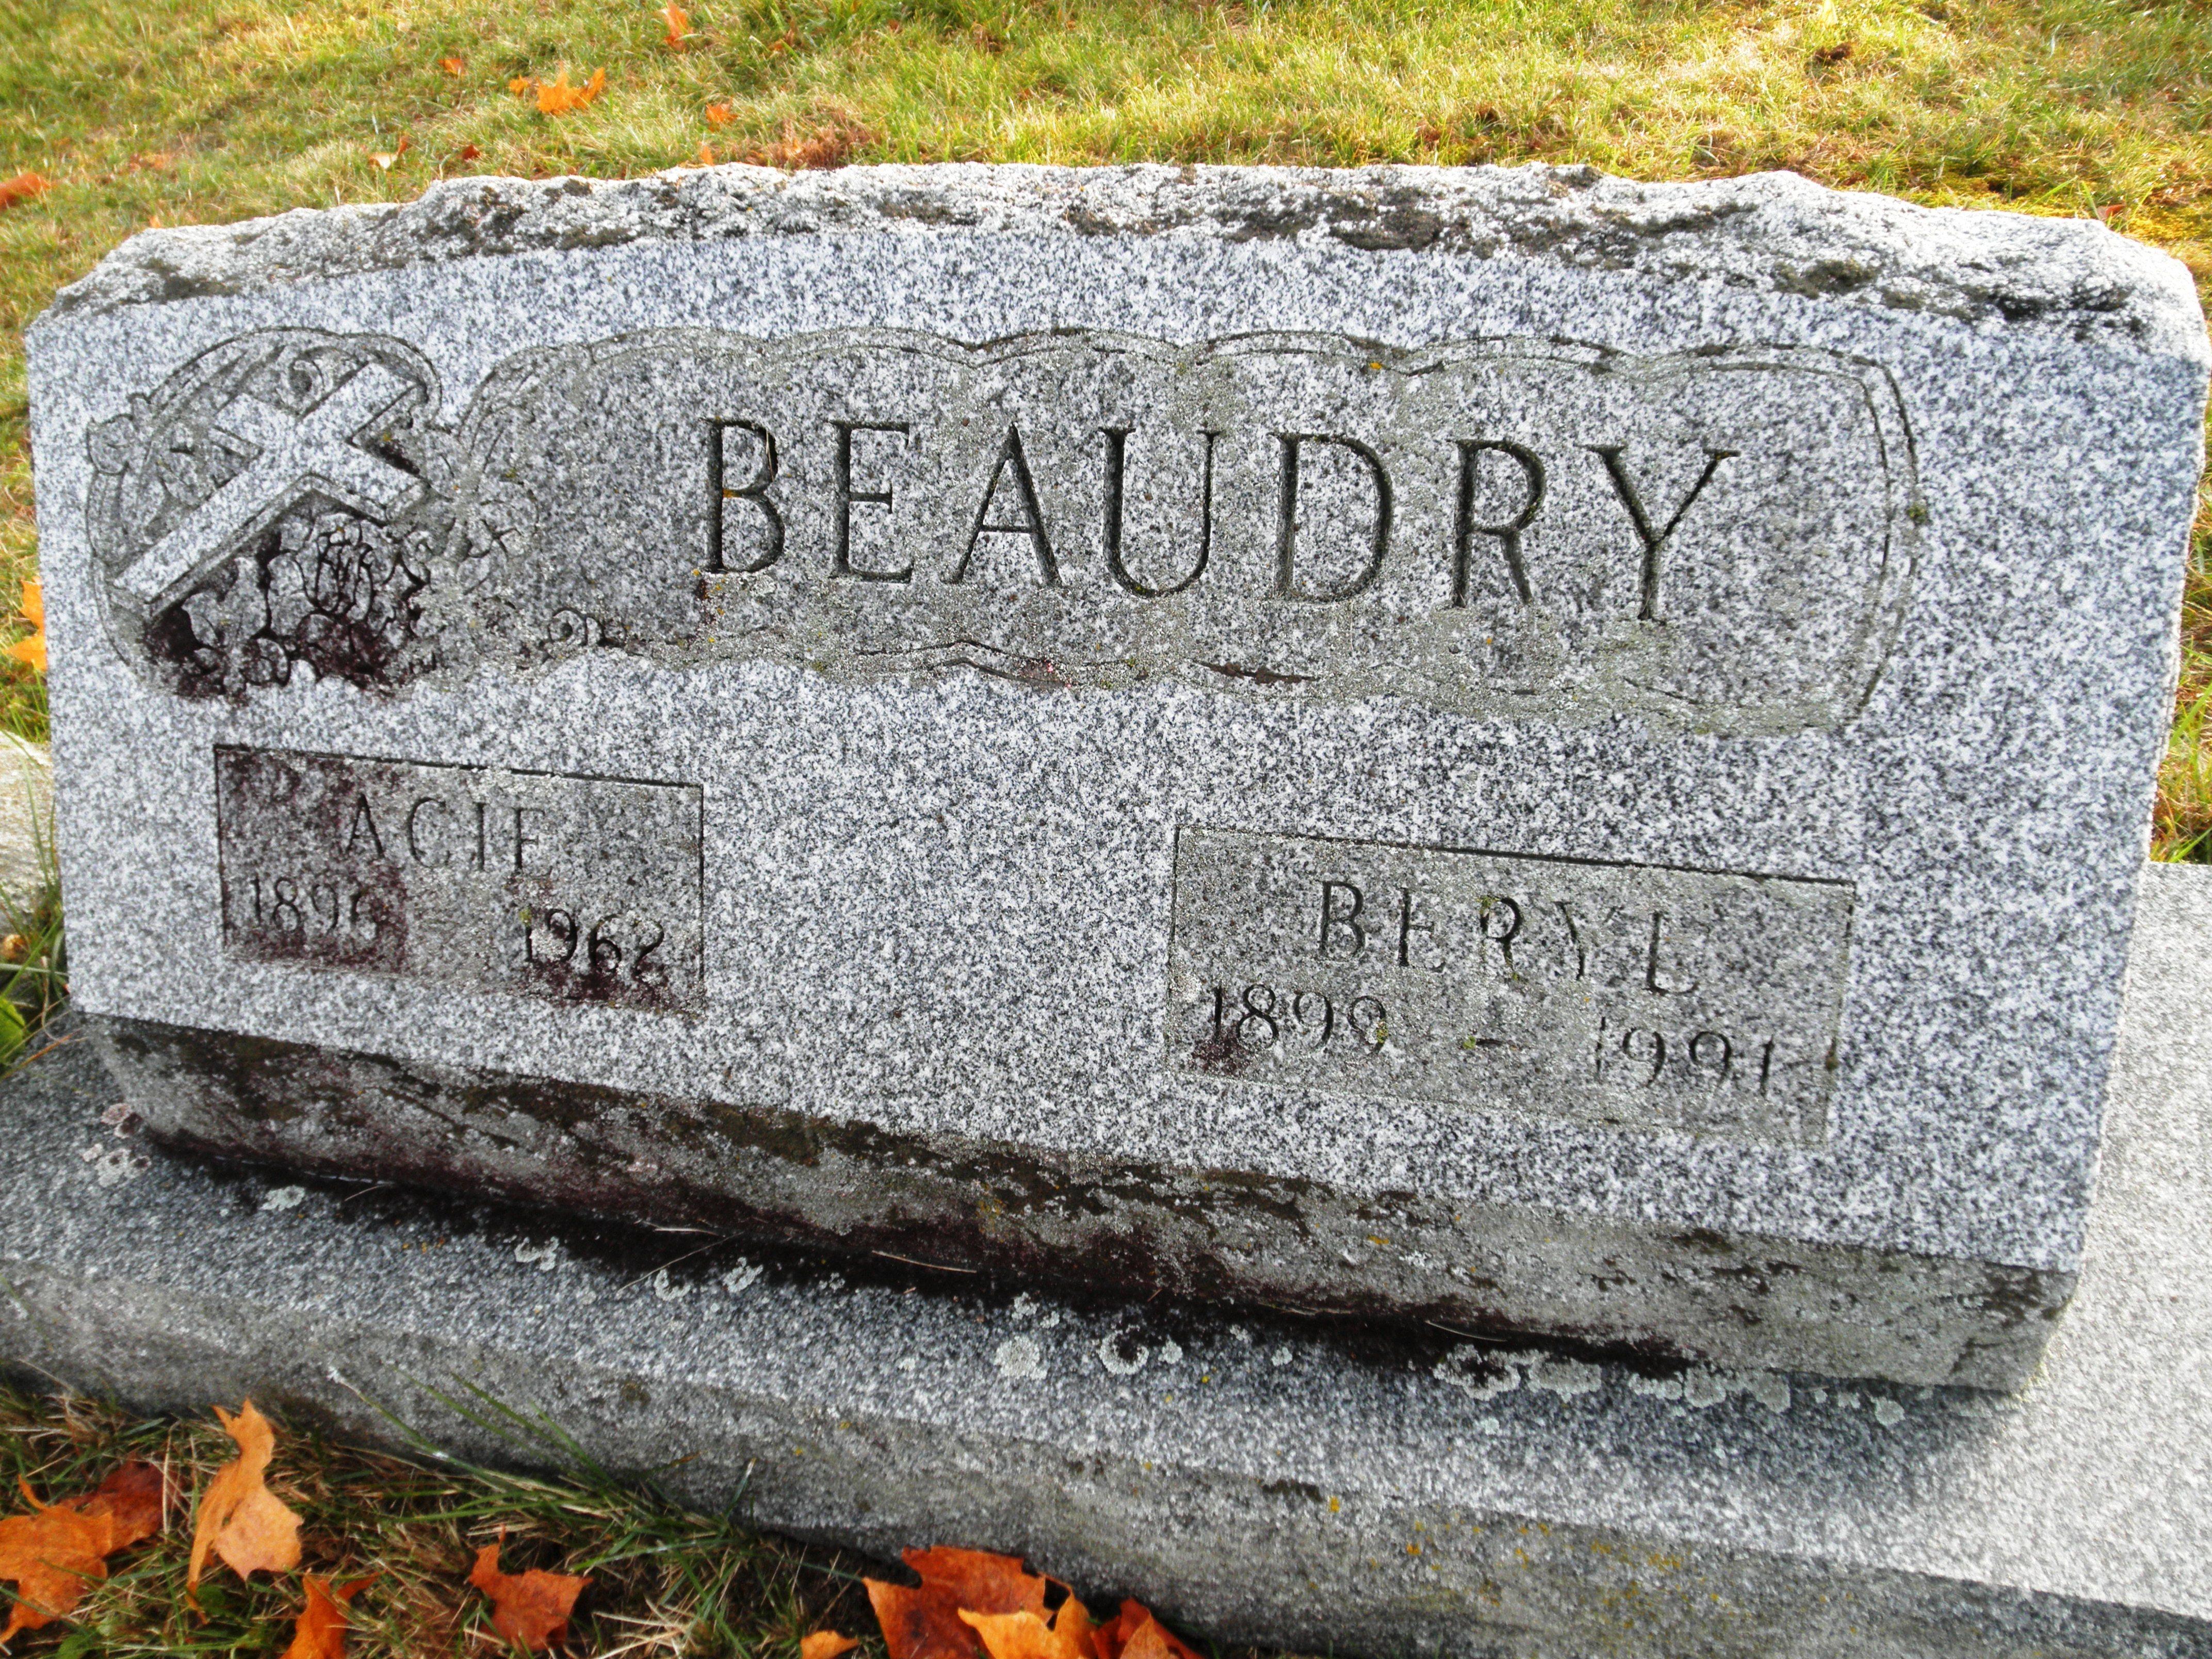 Acie Beaudry